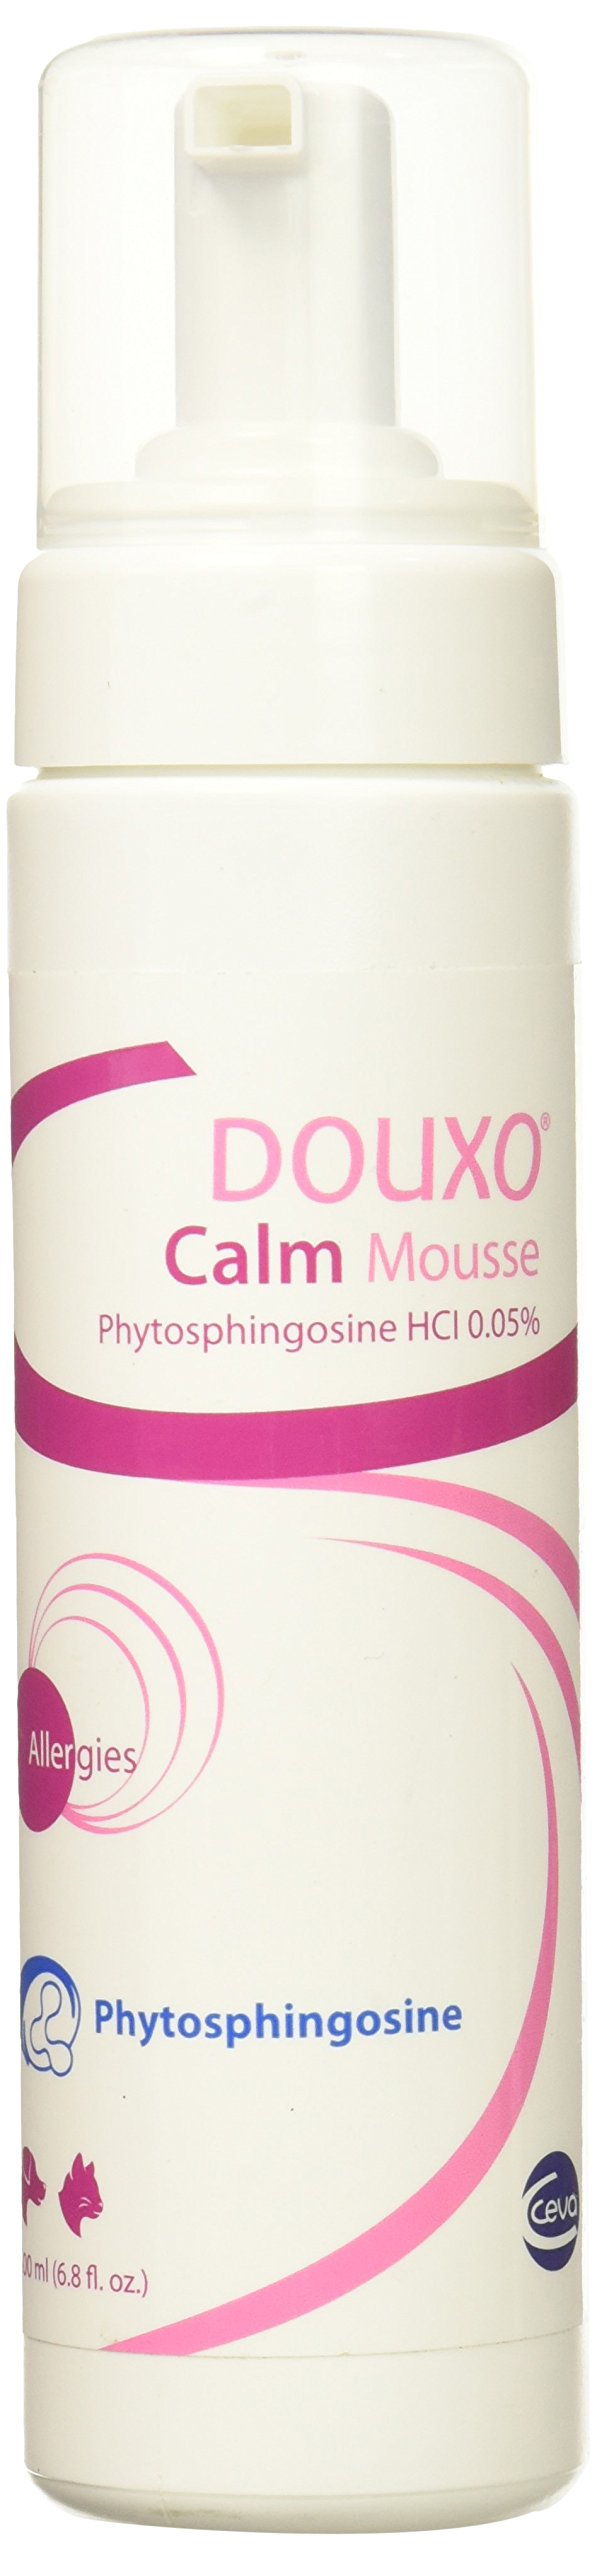 Douxo Calm Mousse (6.8 oz)